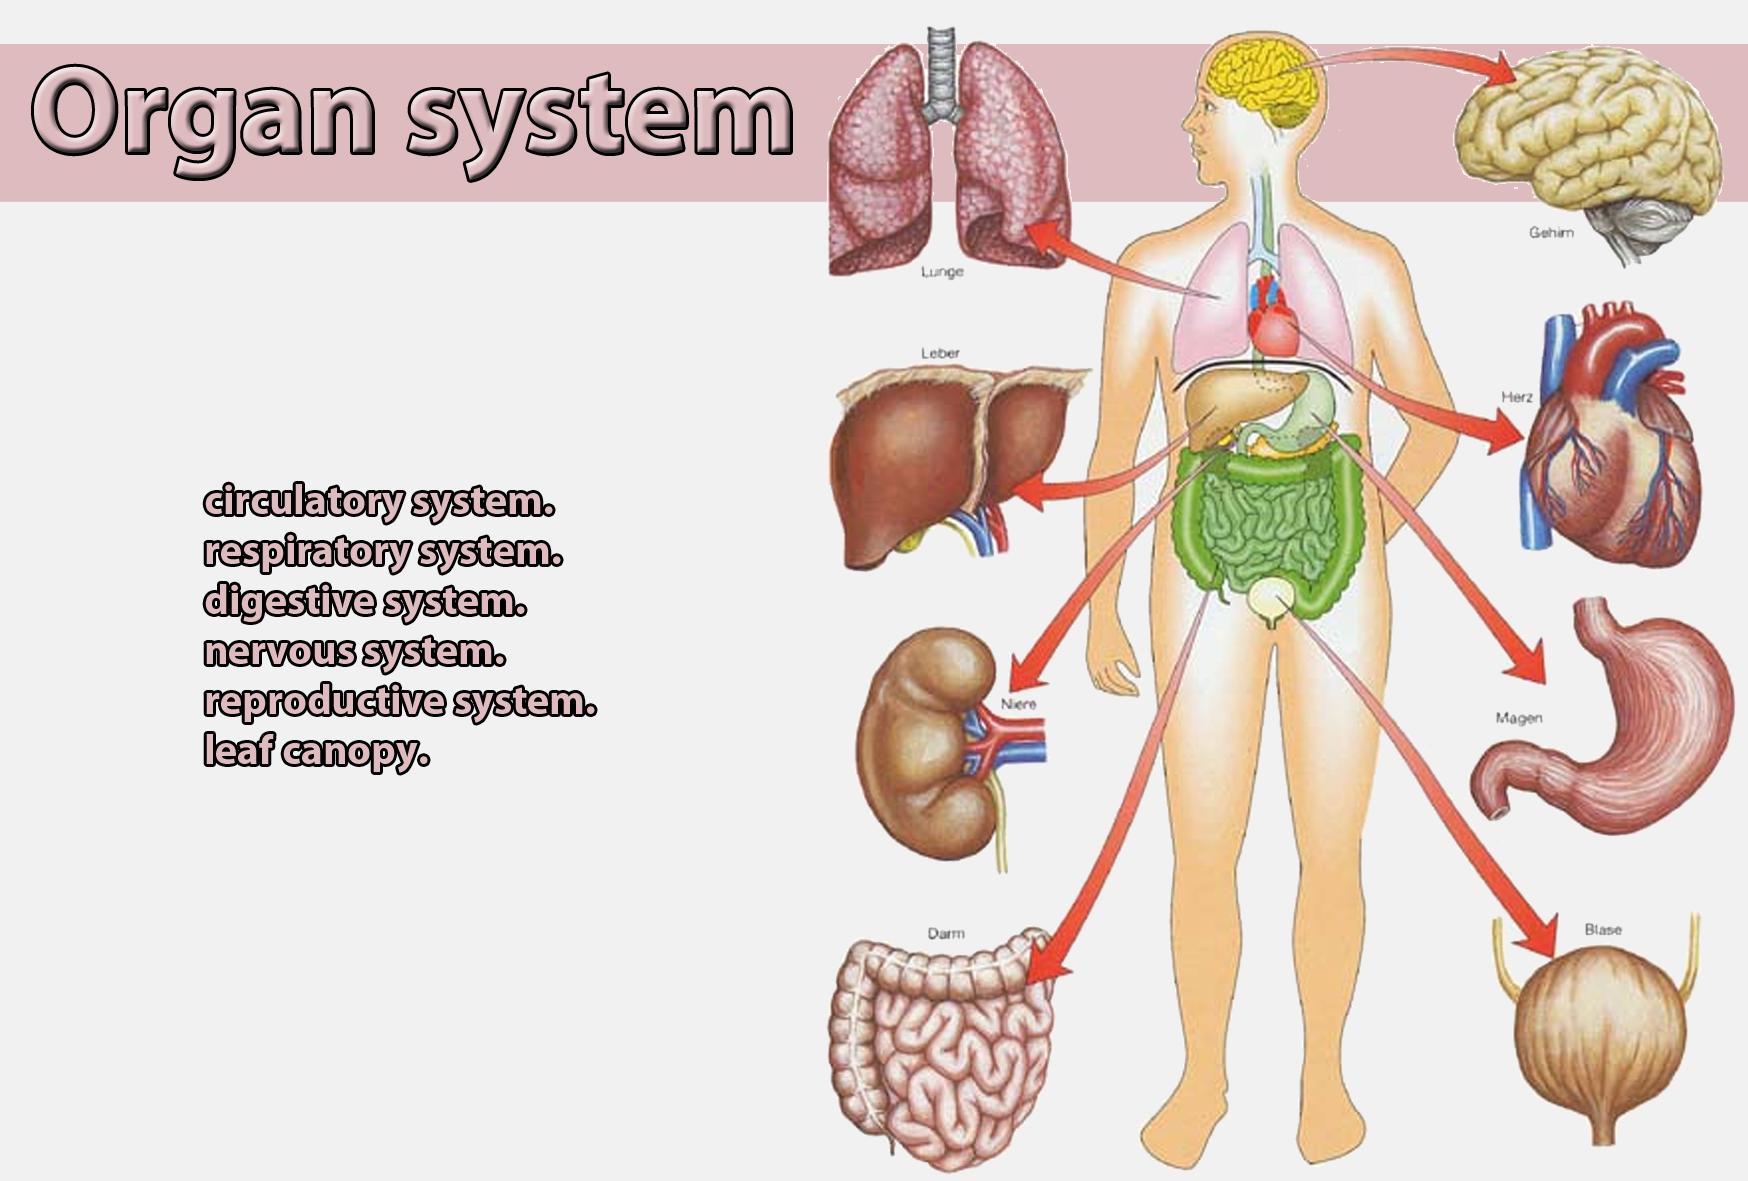 Organ System Galnet Wiki Fandom Powered By Wikia